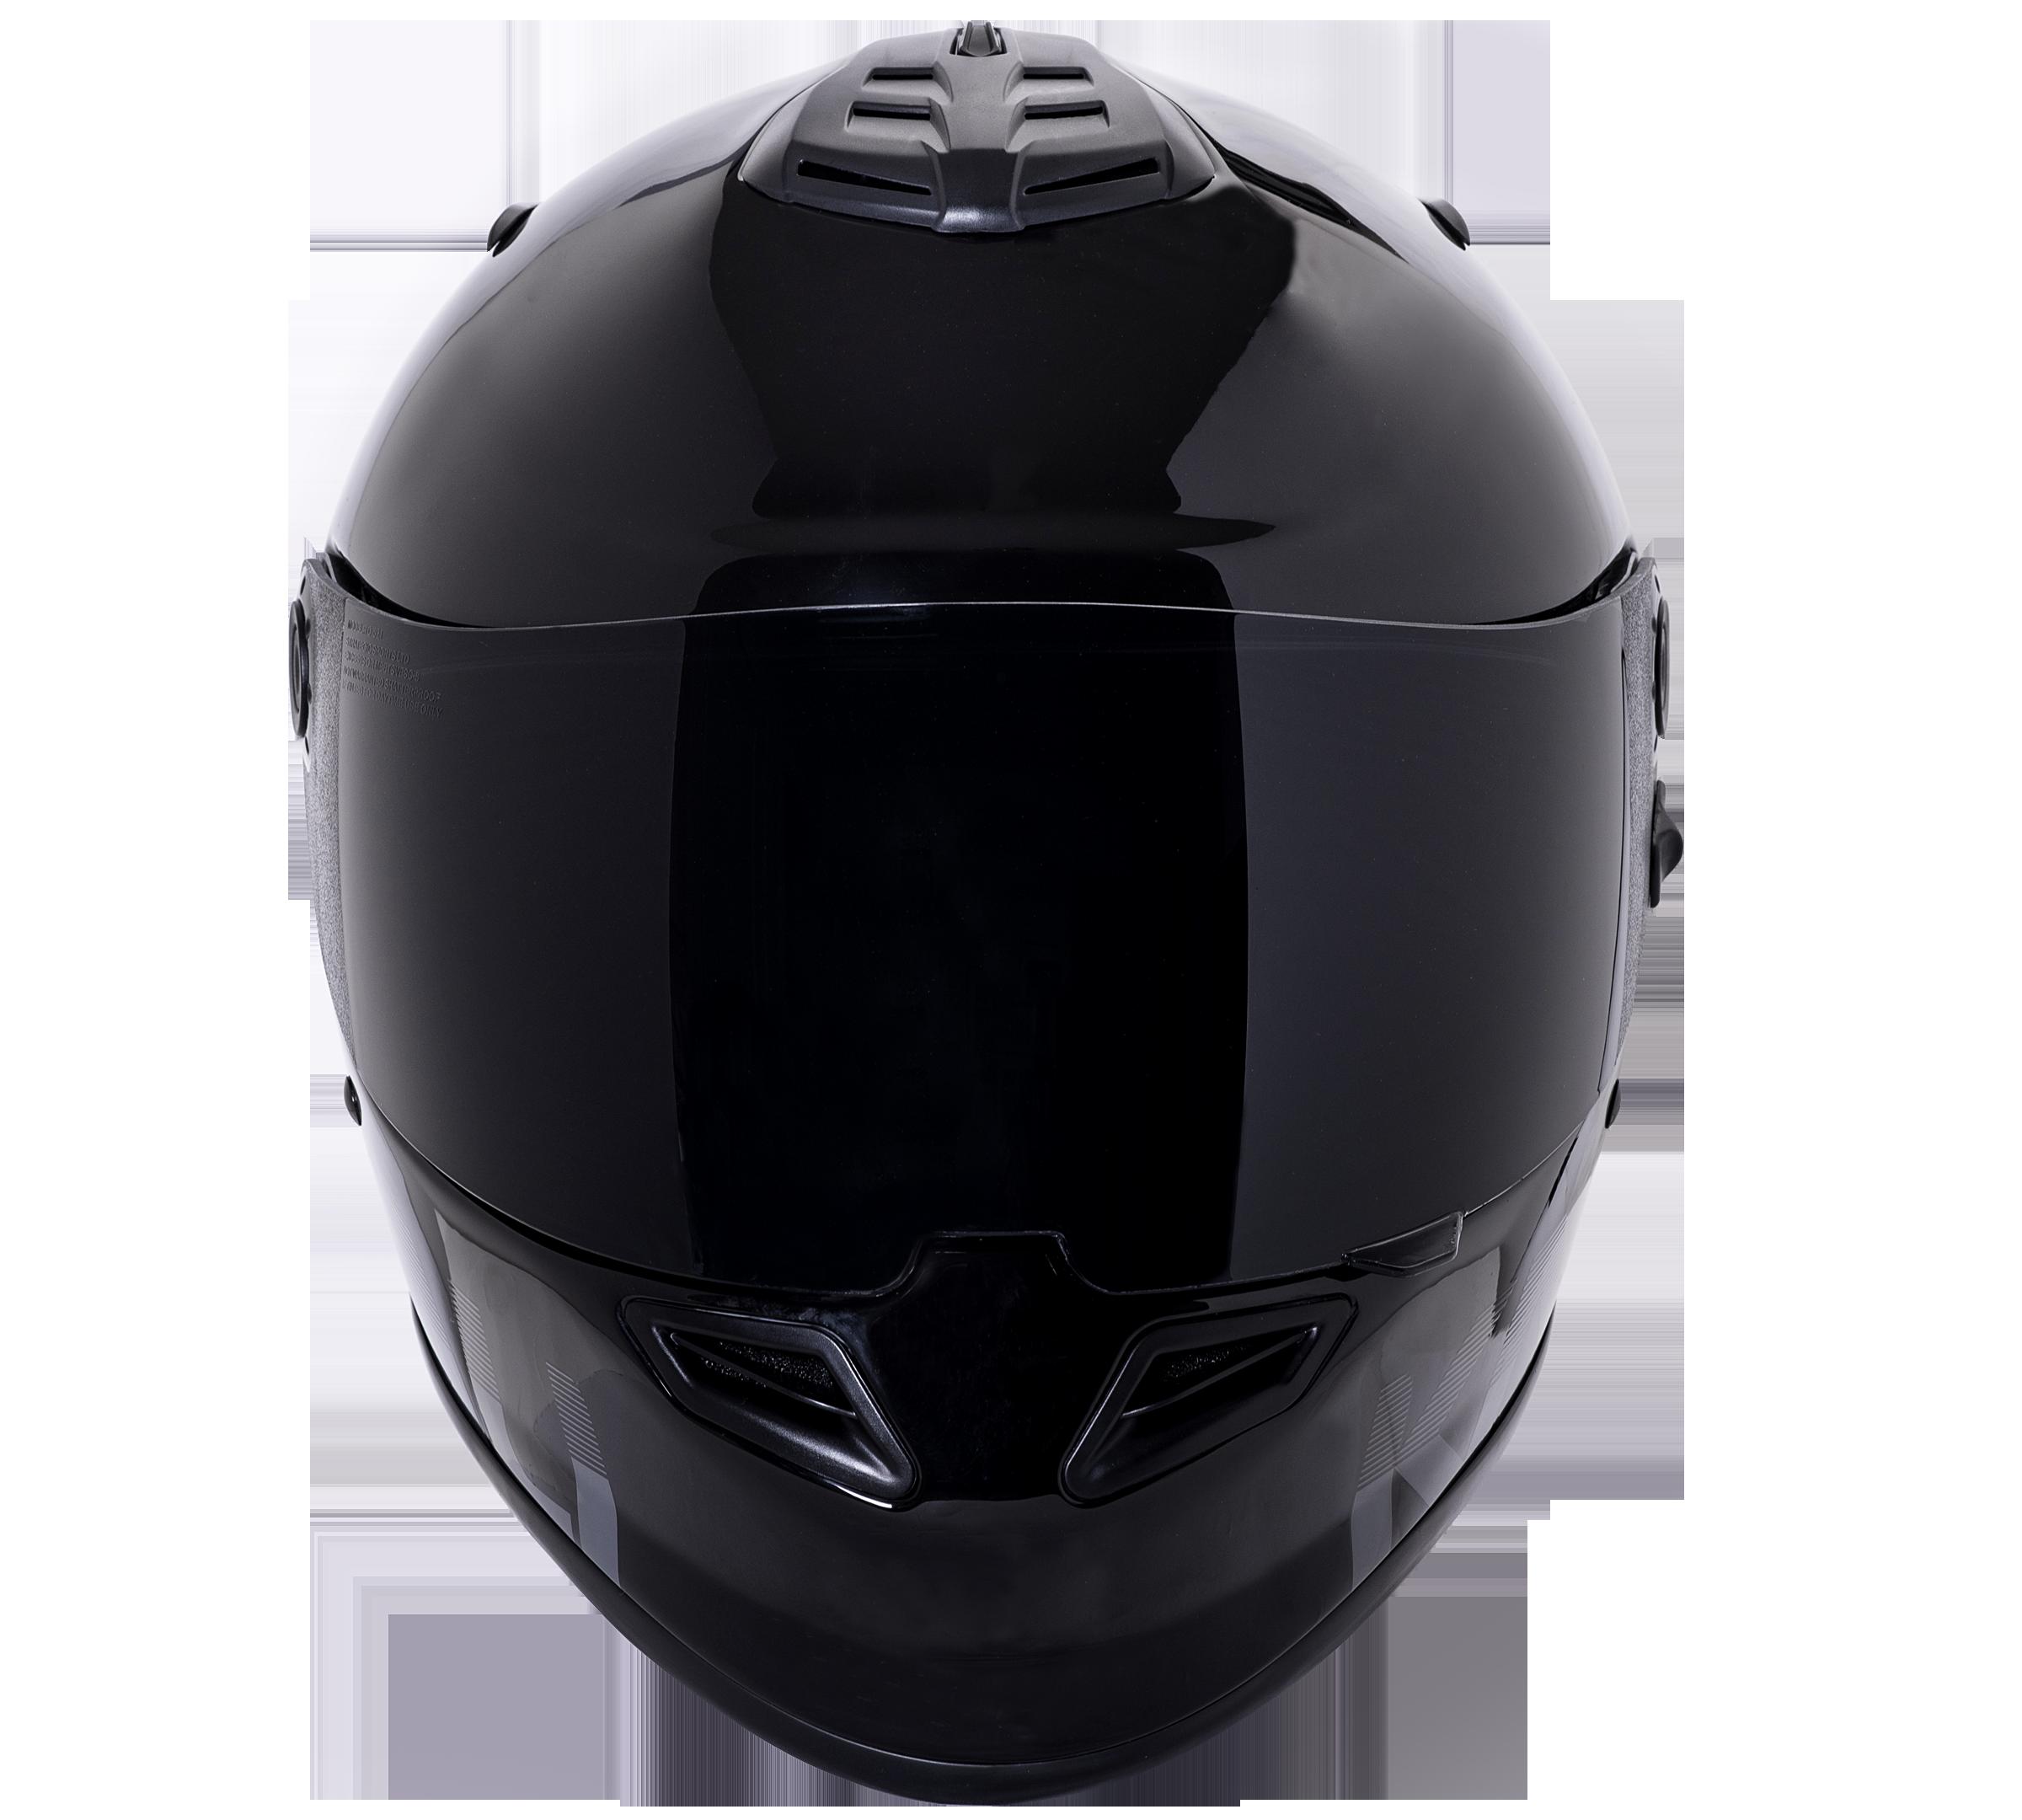 Black helmet png. Kali motorsports catalyst protectives